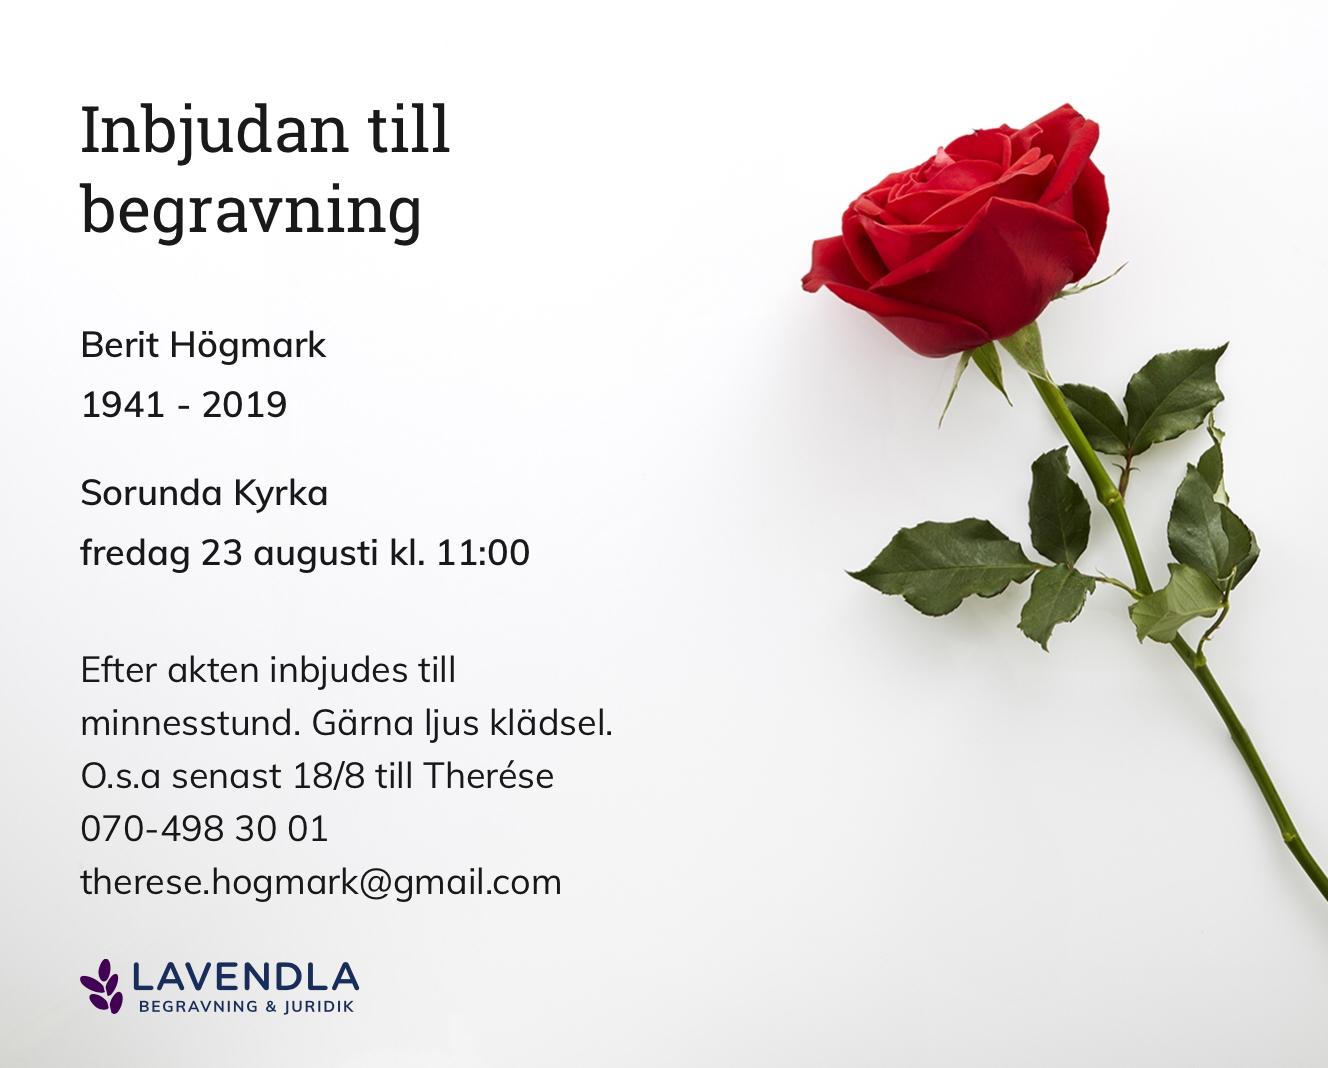 Inbjudningskort till ceremonin för Berit Högmark